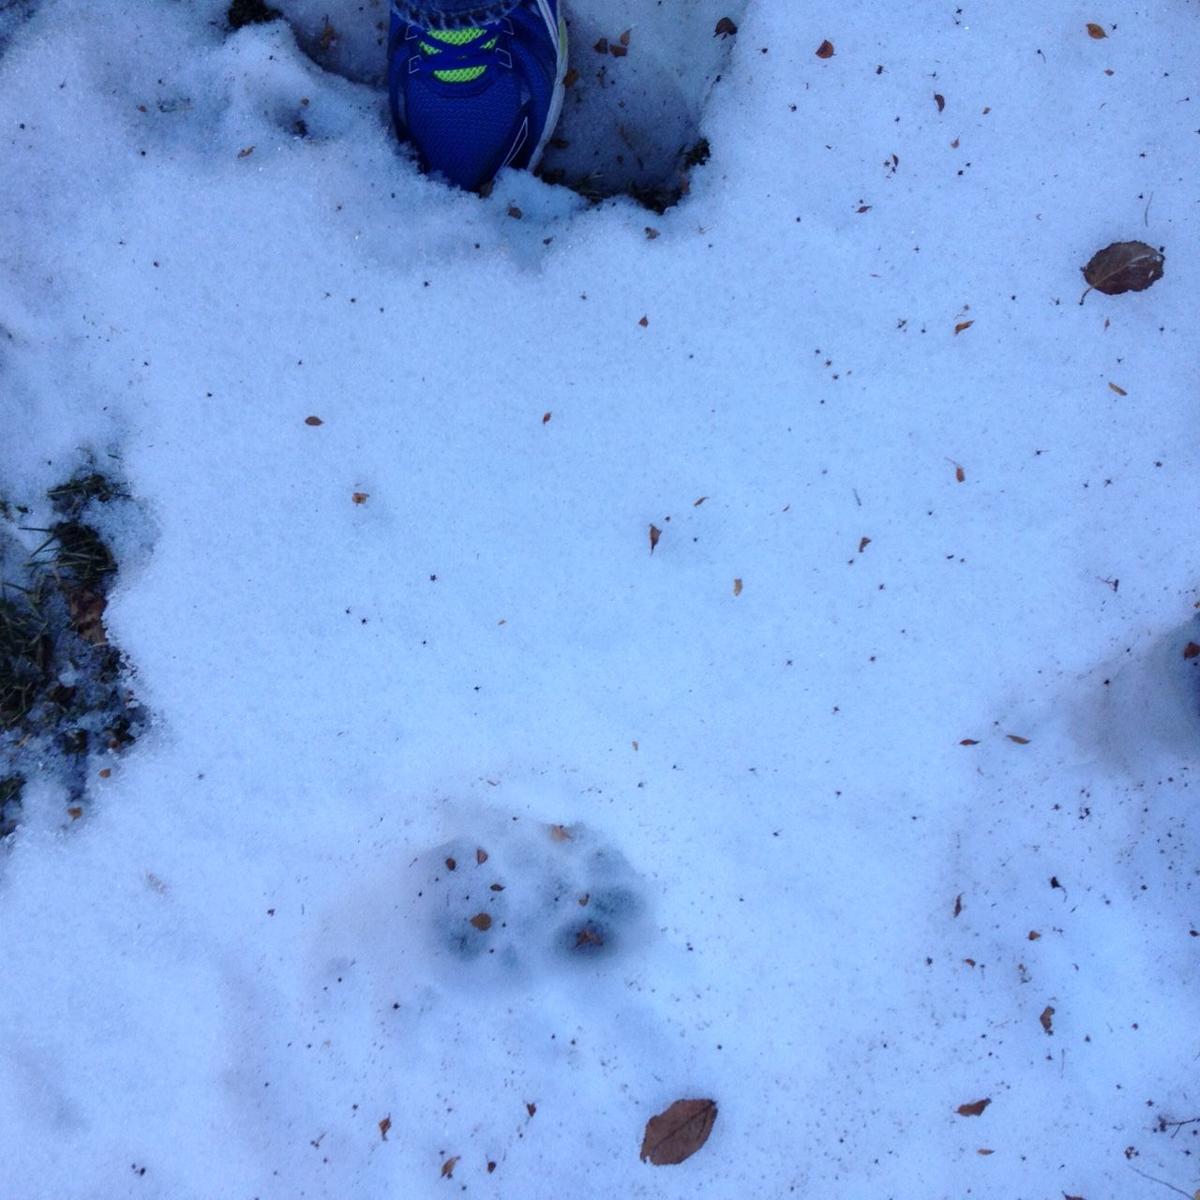 Mountain Lion Paw Print?